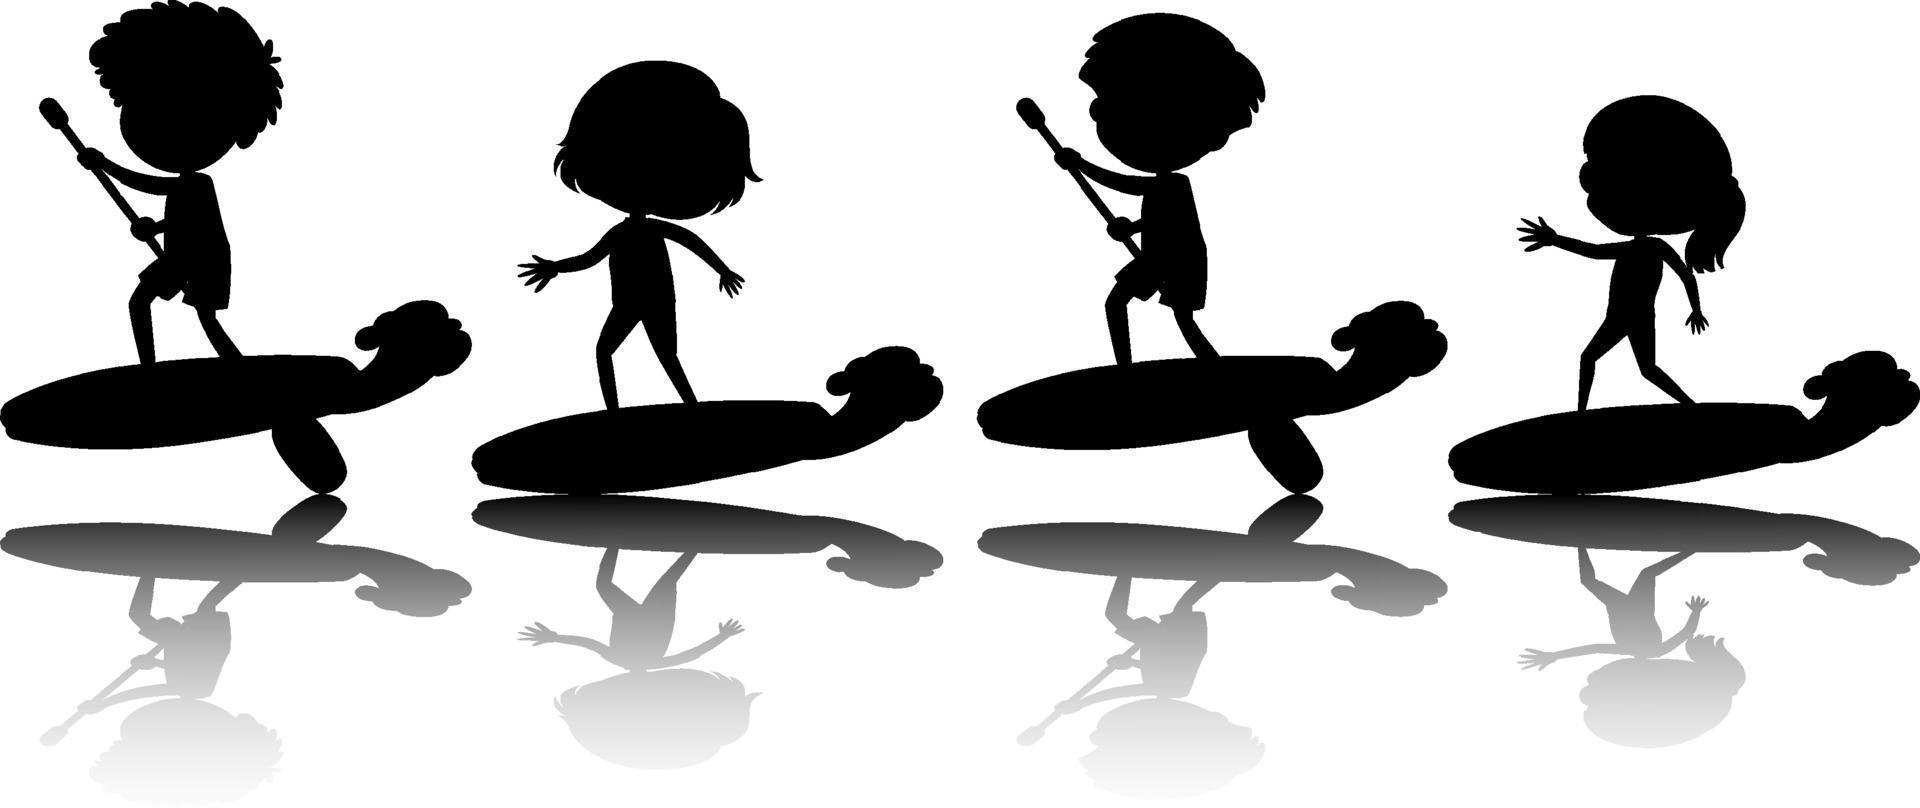 conjunto de crianças diferentes na silhueta da prancha de surf vetor